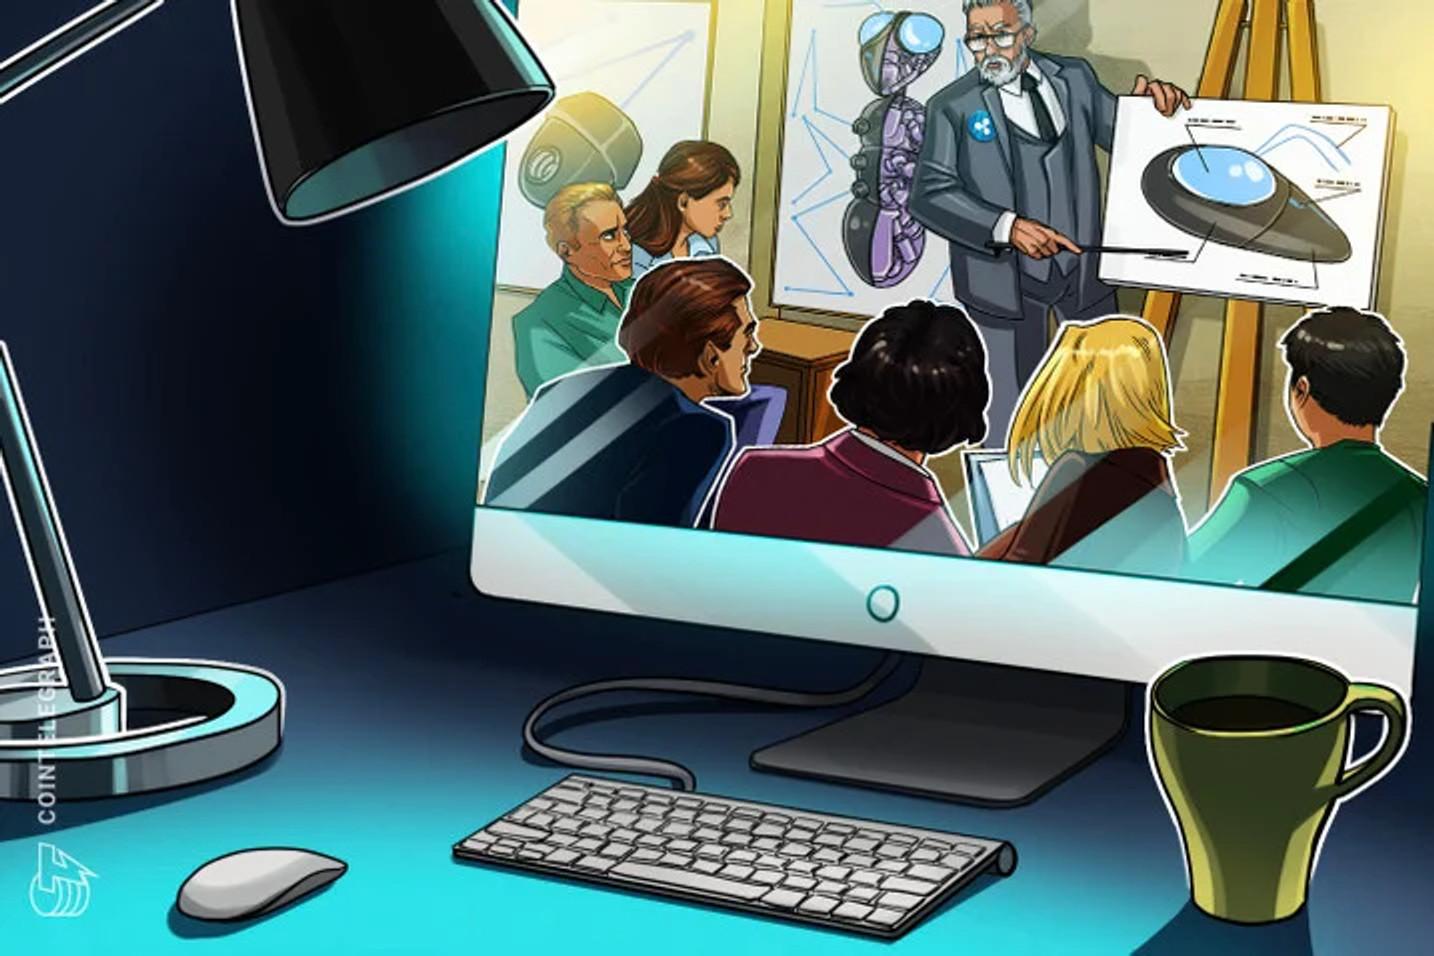 Aprende sobre Blockchain: Conoce las mejores plataformas en línea para educarse sobre la cadena de bloques y las criptomonedas